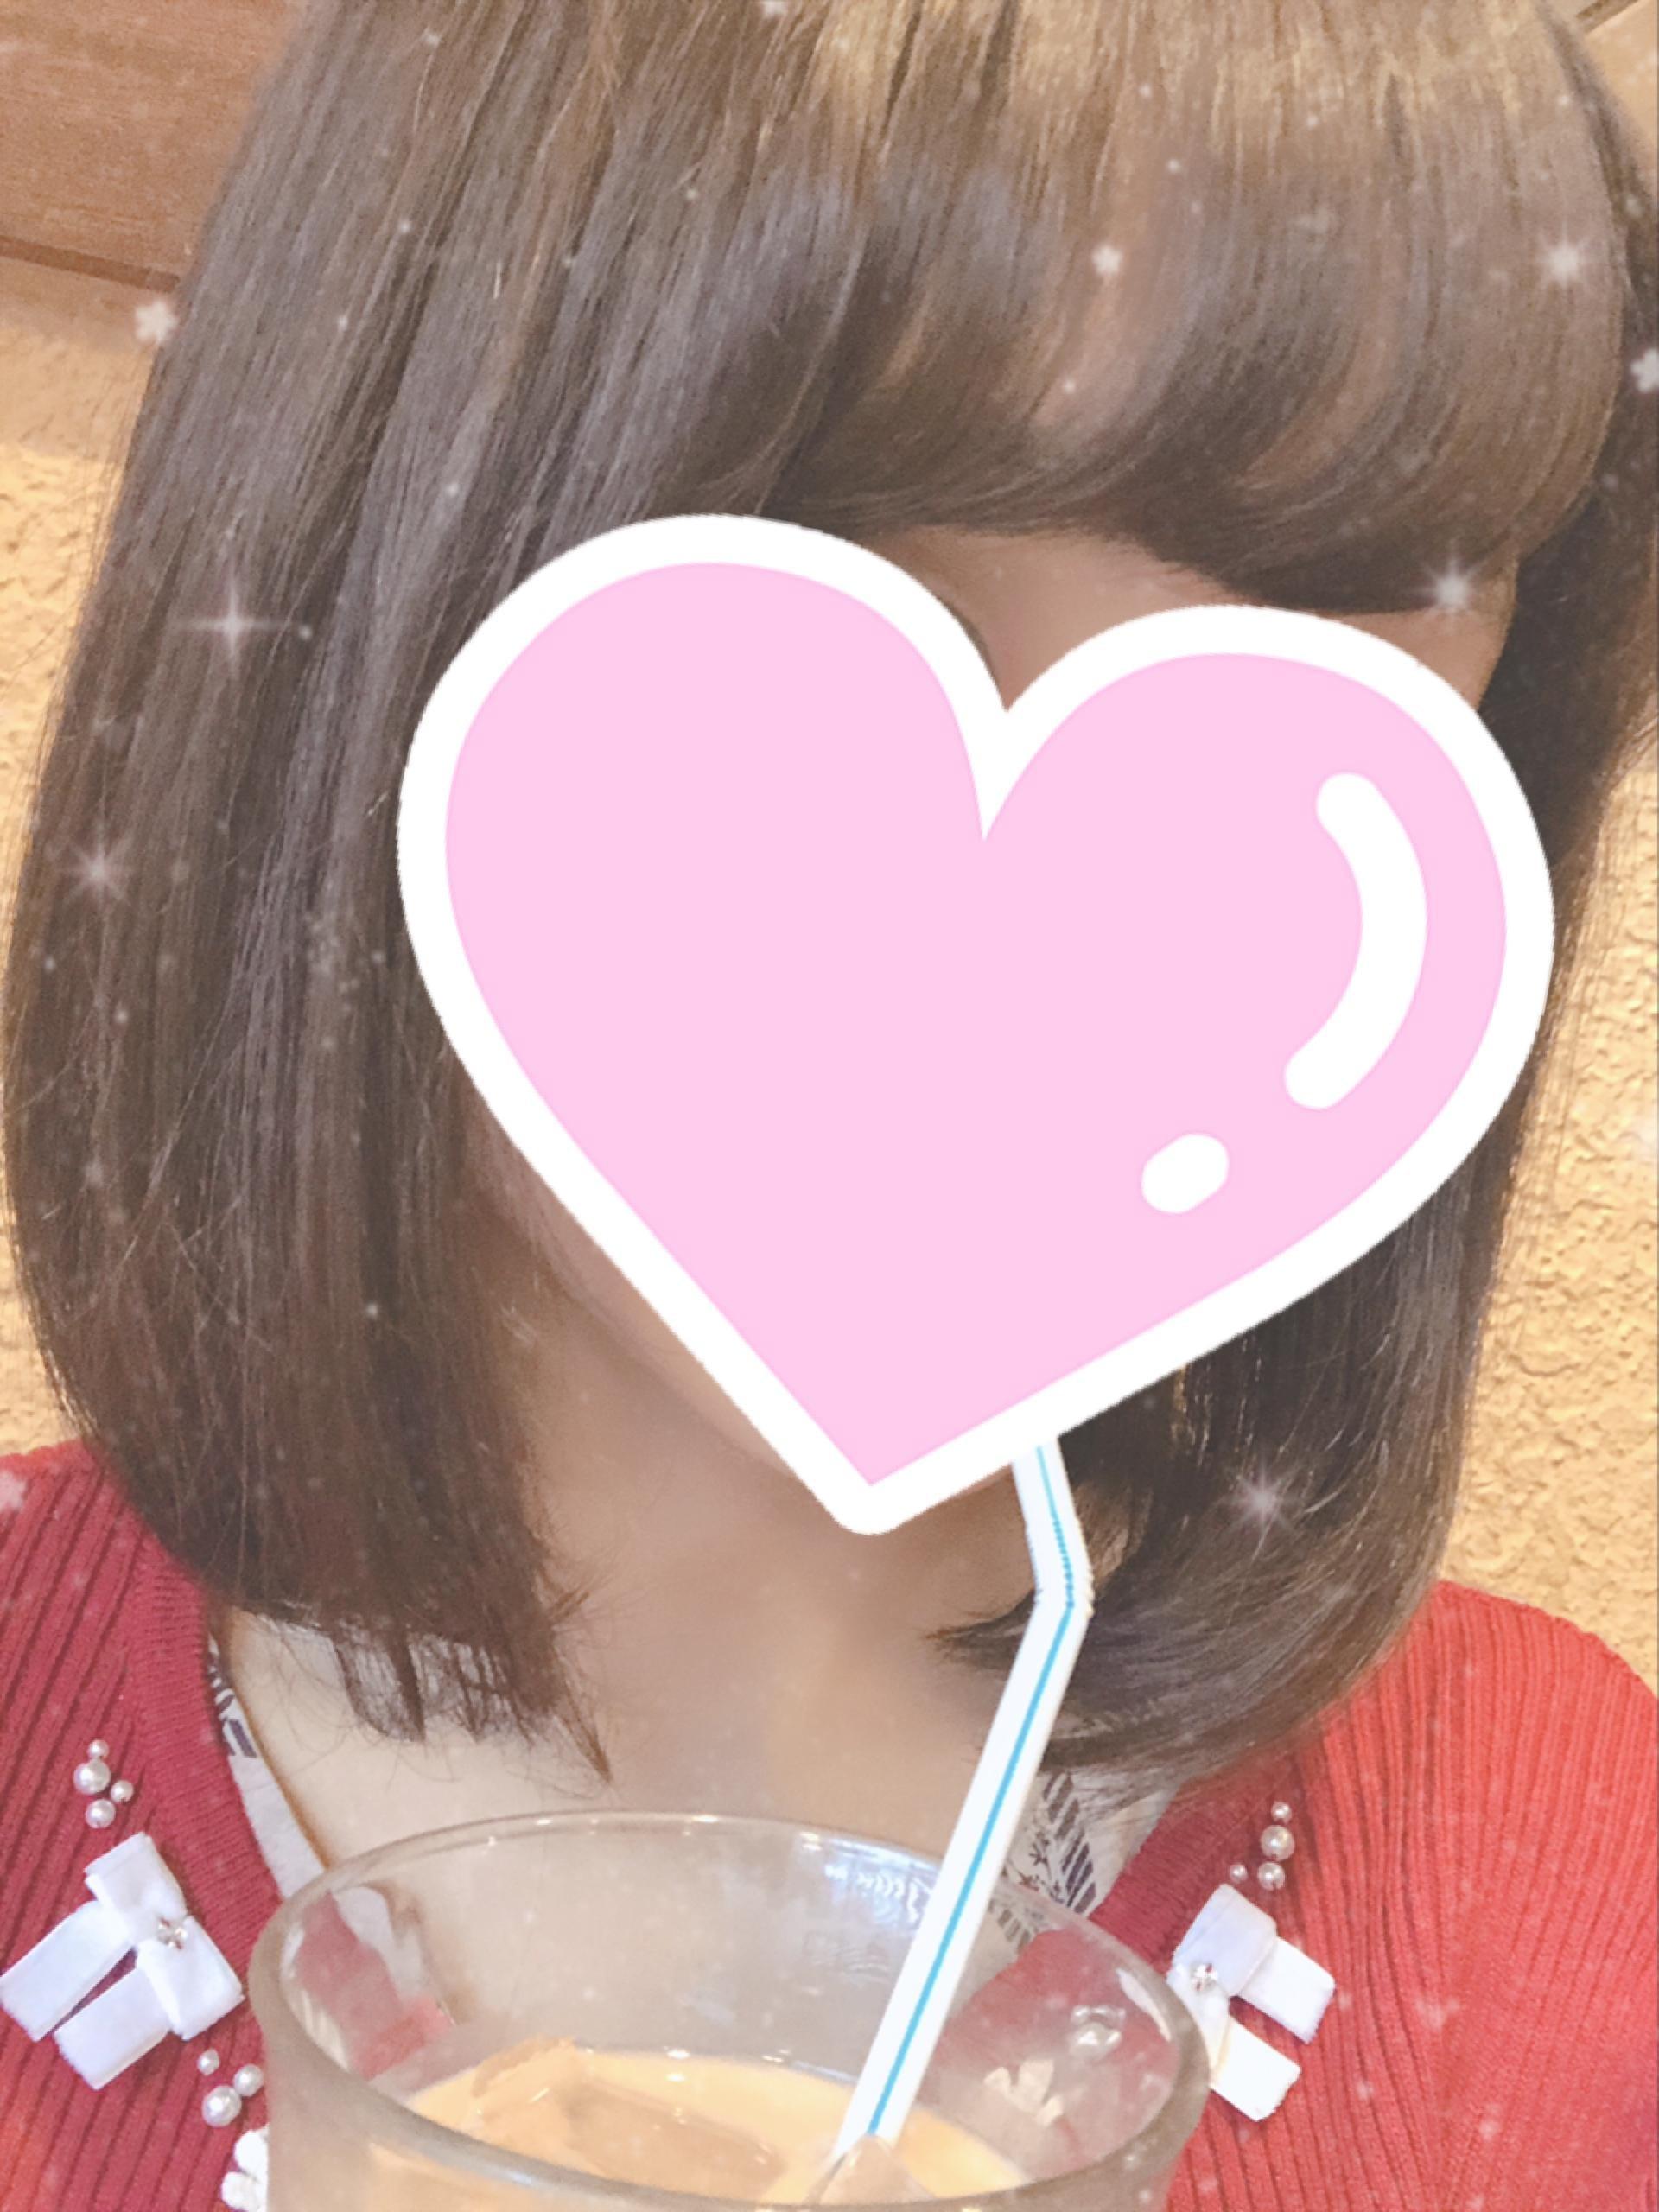 「土曜13時から」11/08(11/08) 15:27 | えみりの写メ・風俗動画